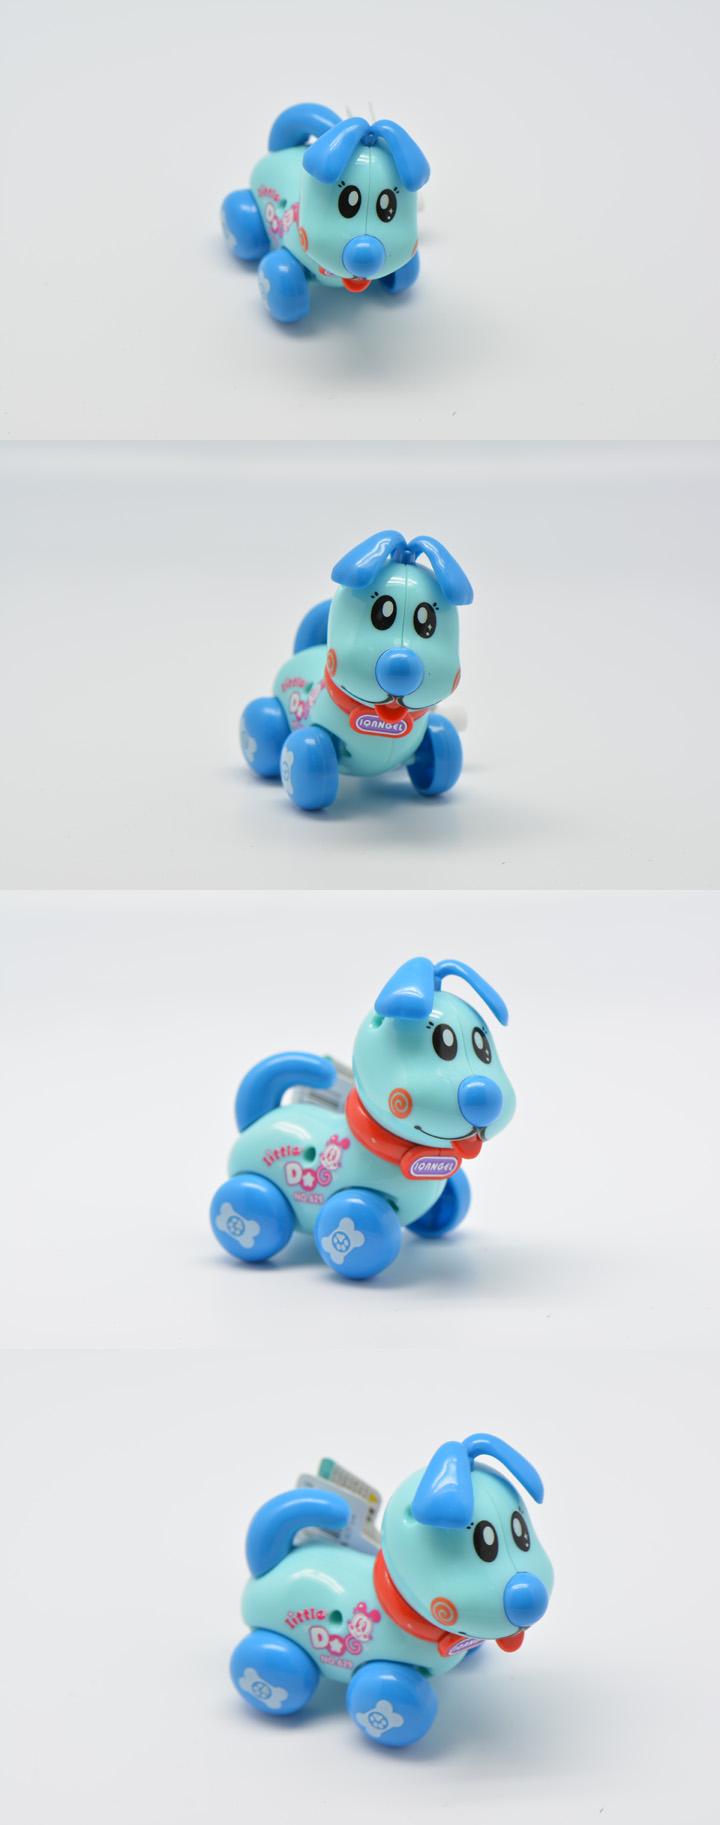 玩具 卡通动物汽车 小蓝狗 回力车